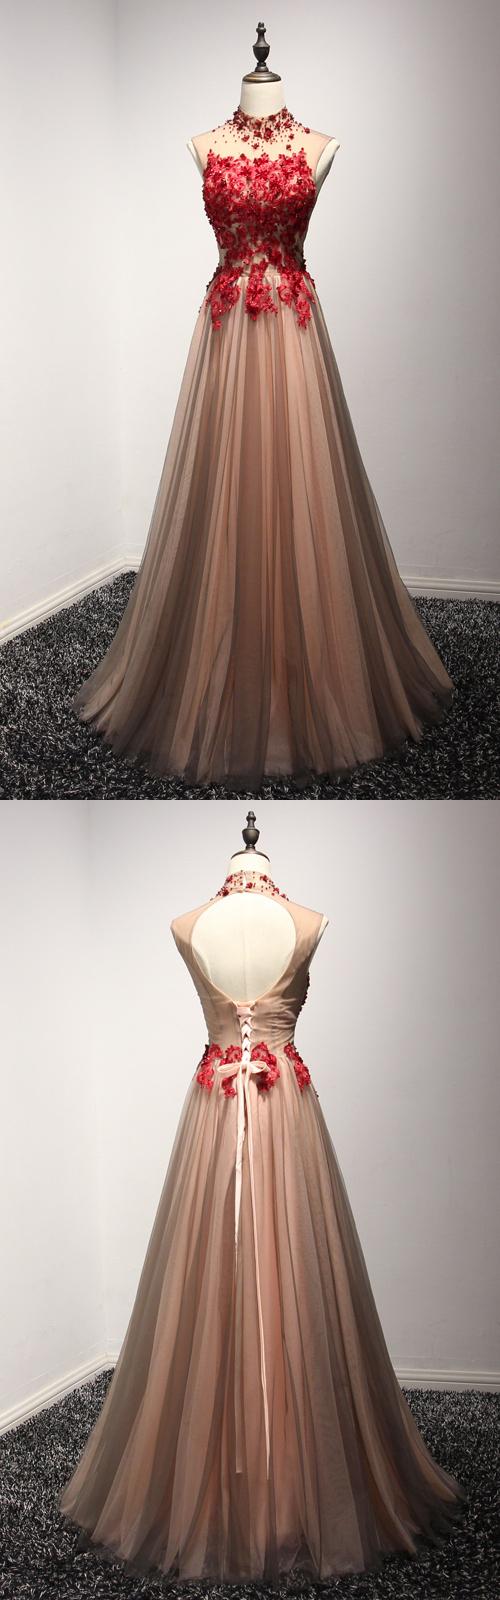 Red prom dressesprom dressesprom dressprom gownsmodest prom